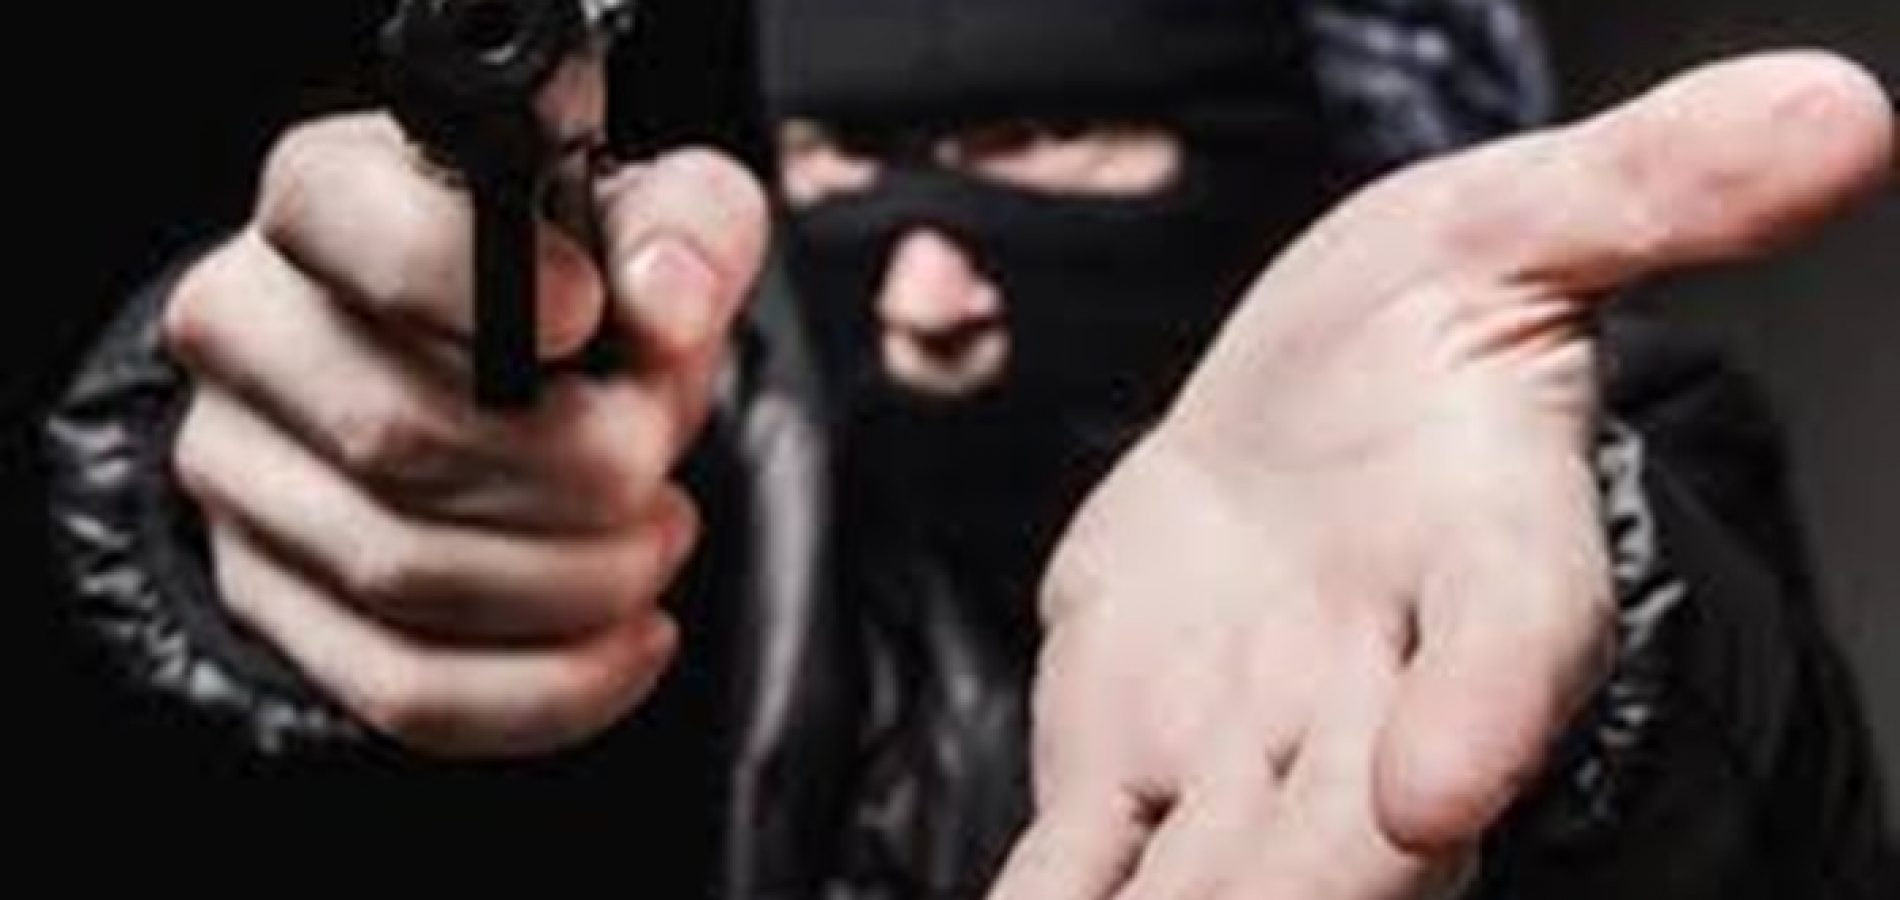 Fim de semana é marcado por tentativa de homicídio, ameaça, assaltos e furtos em Picos